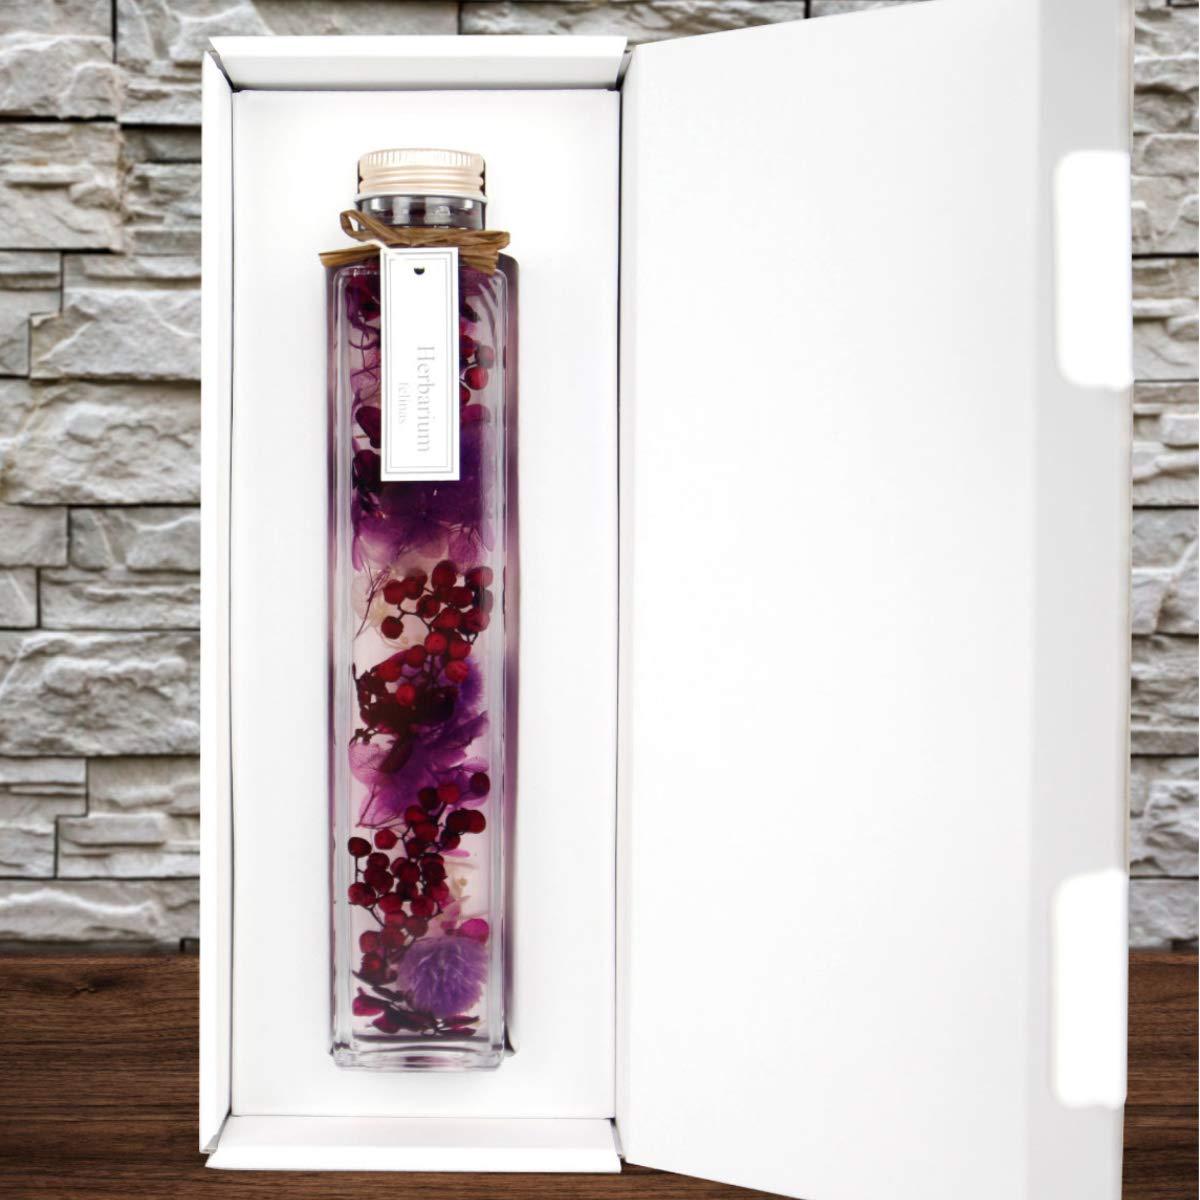 ハーバリウム 角瓶 (1本) パープル 紫 母の日 2020 花 ギフト / 送料無料 日付指定 プレゼント 贈り物 誕生日 結婚 記念日 フェリナス